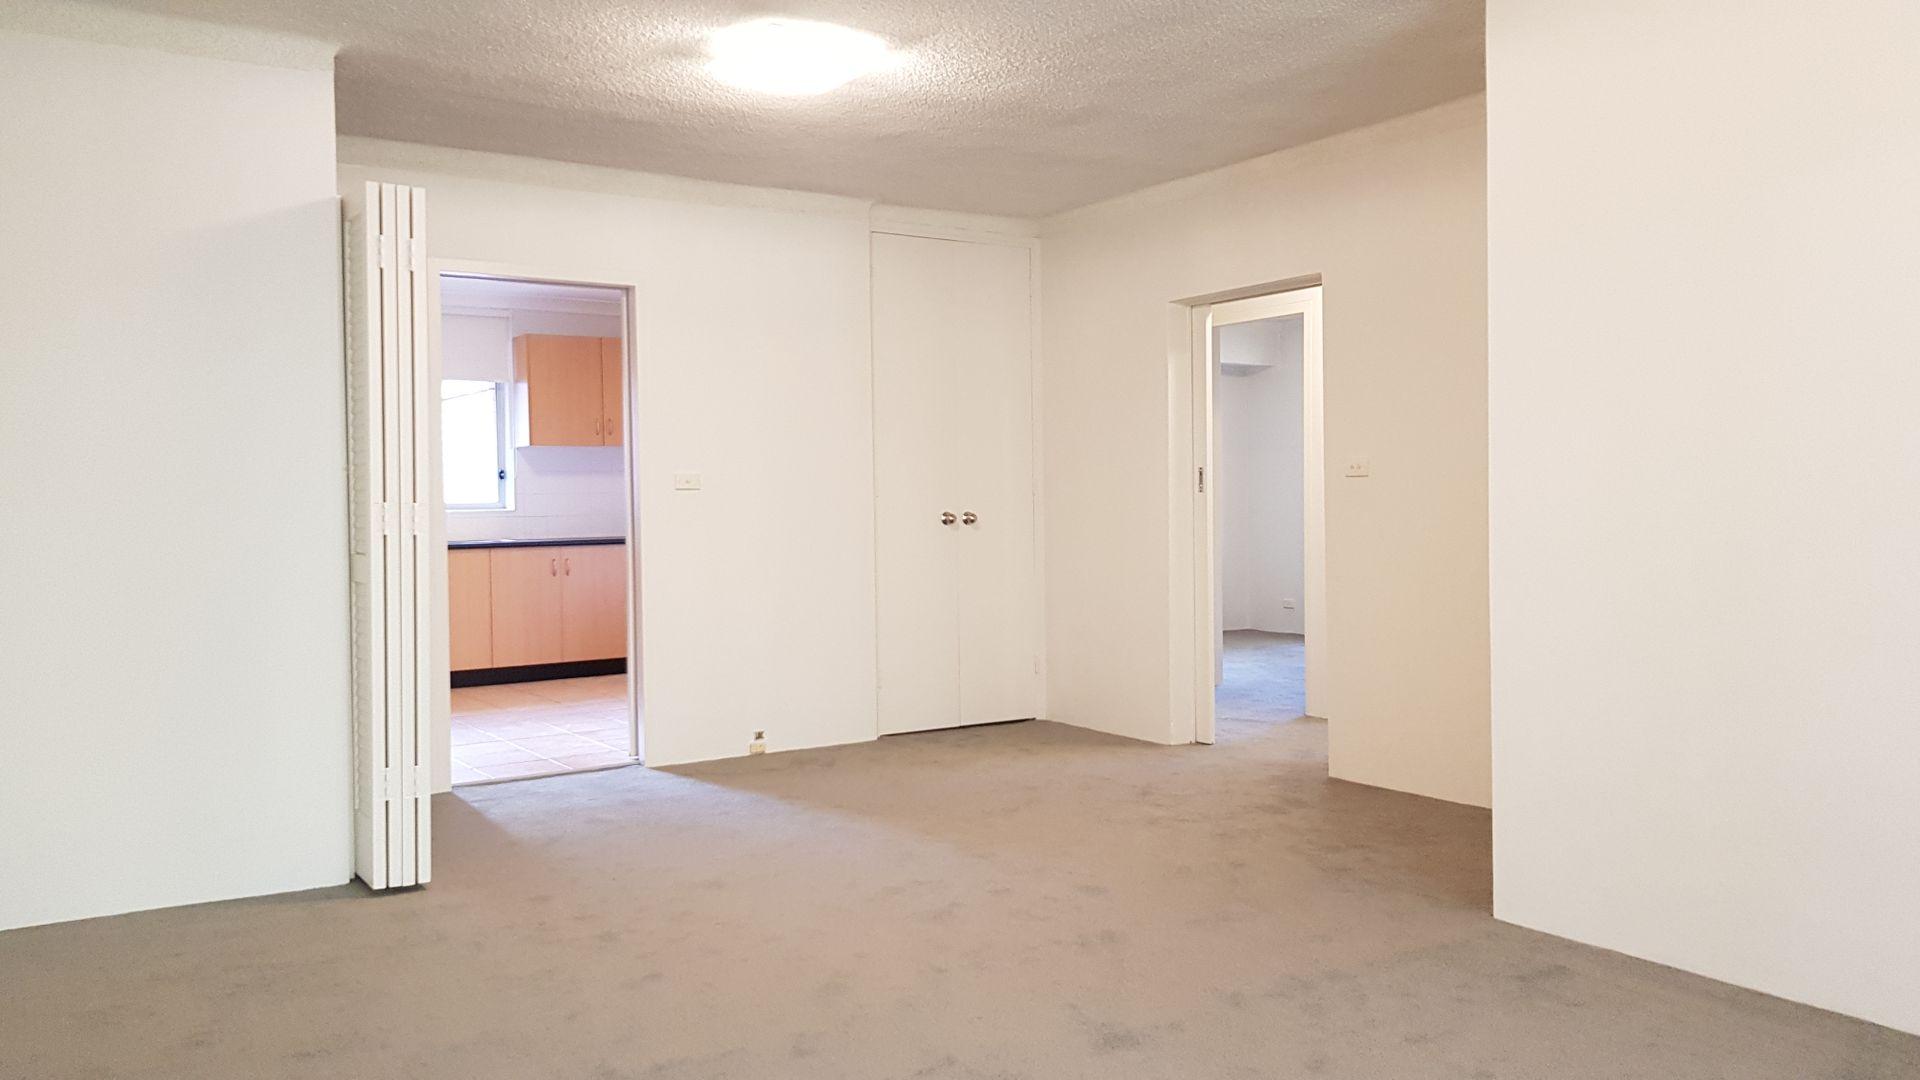 41/24-32 Edensor Street, Epping NSW 2121, Image 1